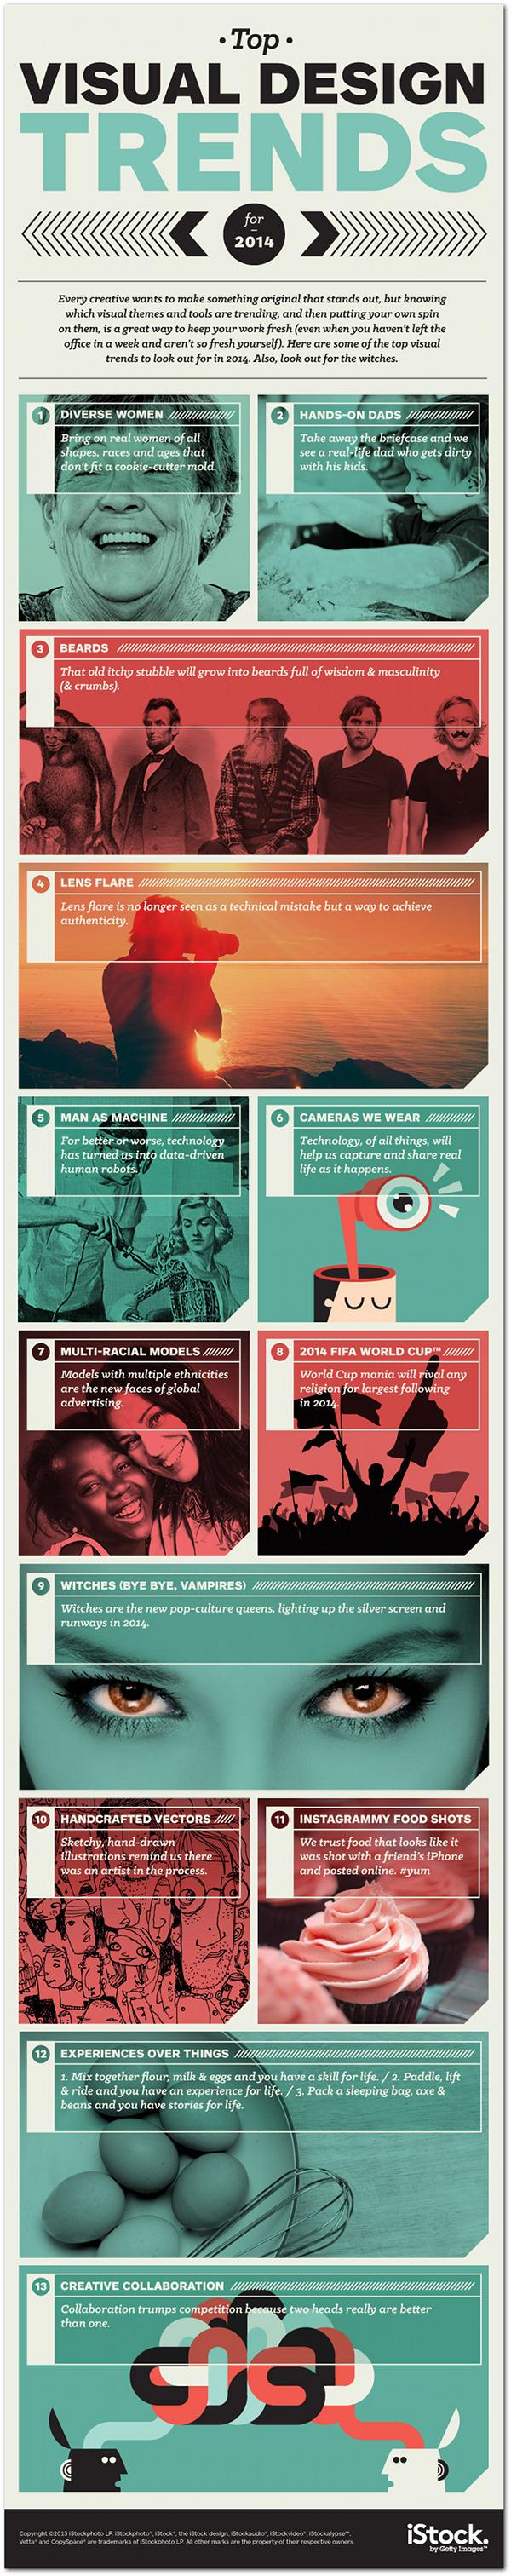 visual-design-trends-2014